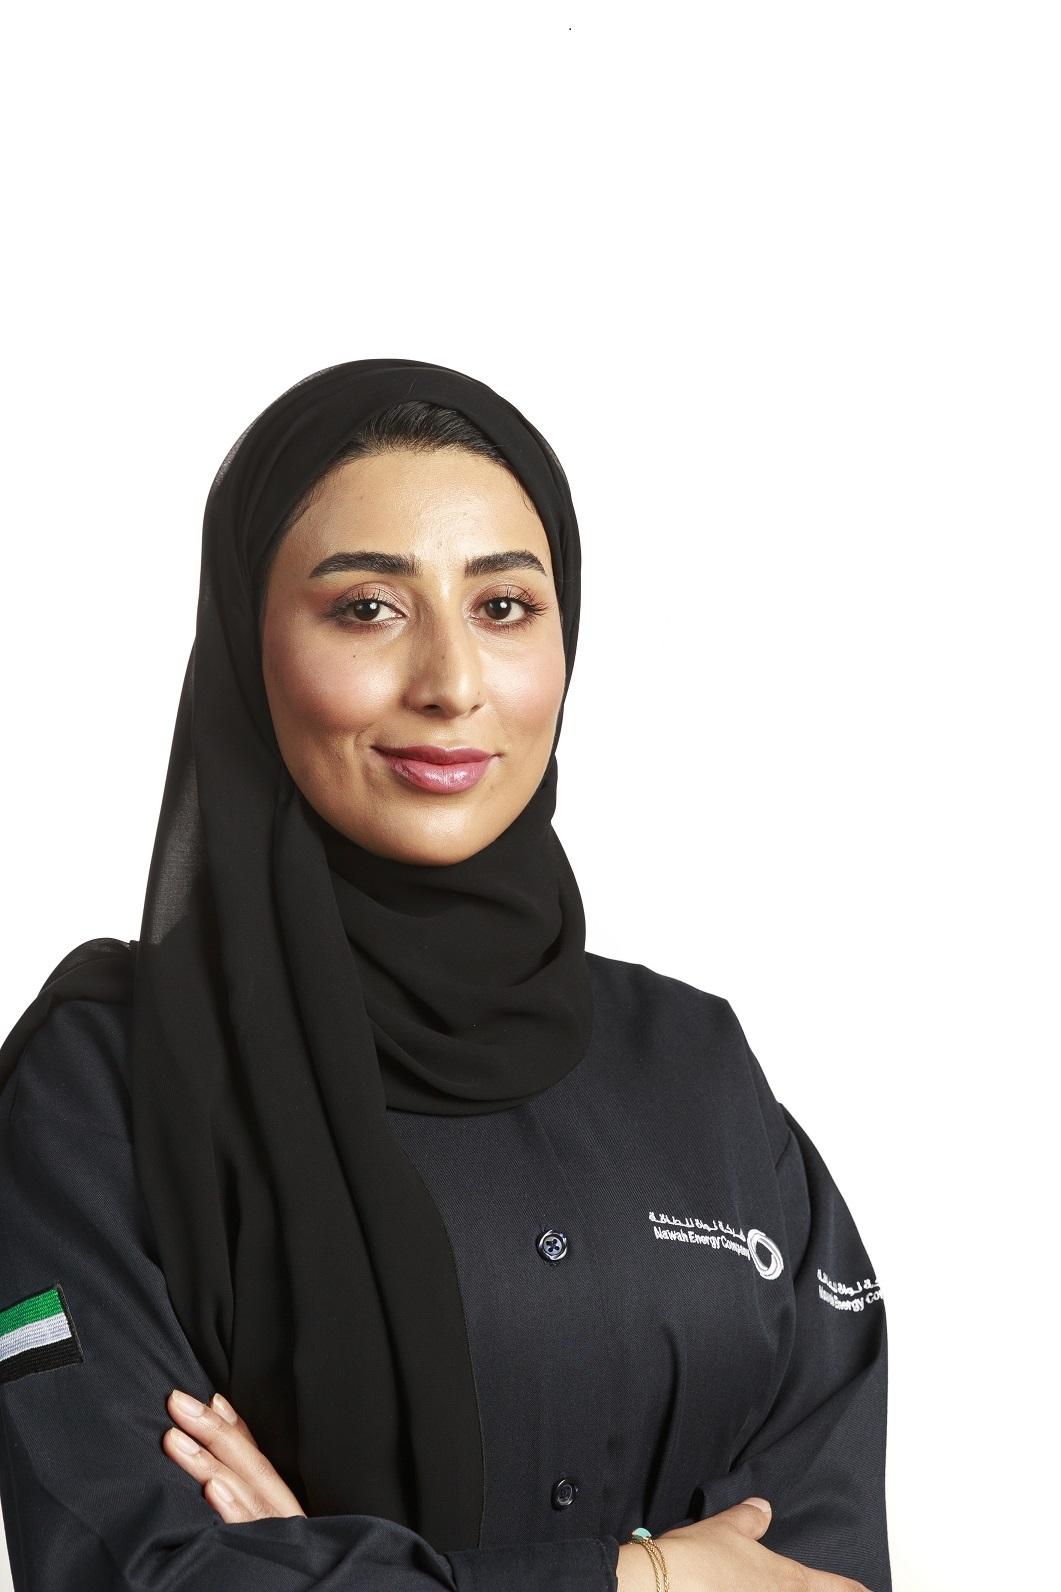 المرأة الإماراتية .. شراكة وطموح يسطران إنجازا تاريخيا للبرنامج النووي السلمي